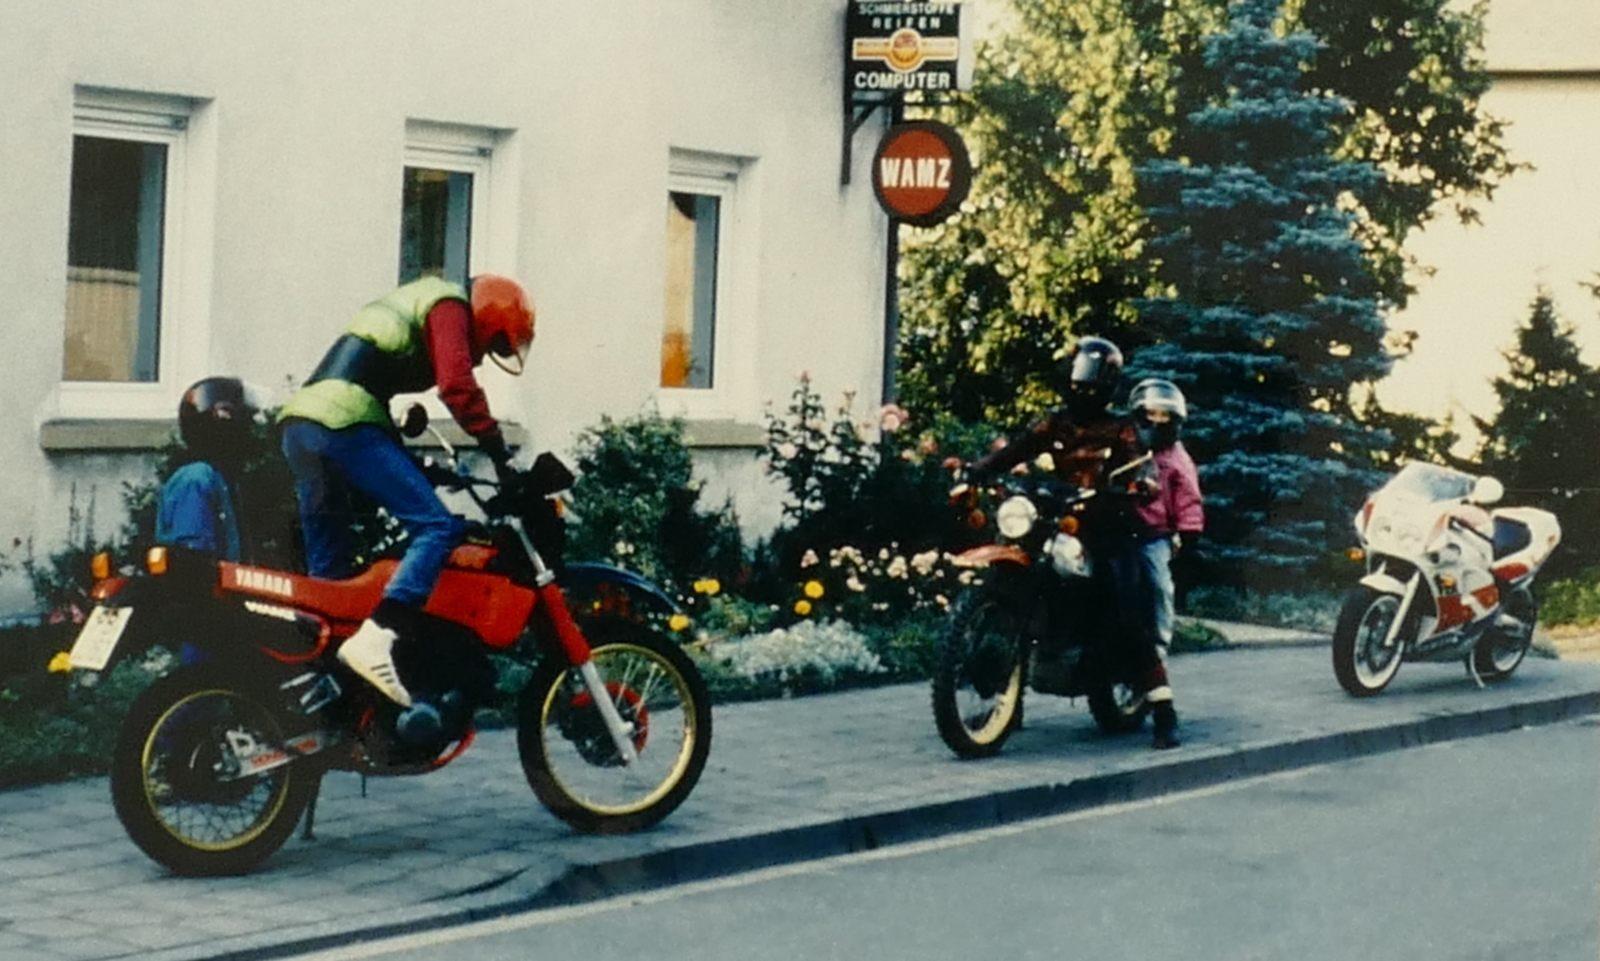 1990 XT600_02_1600b